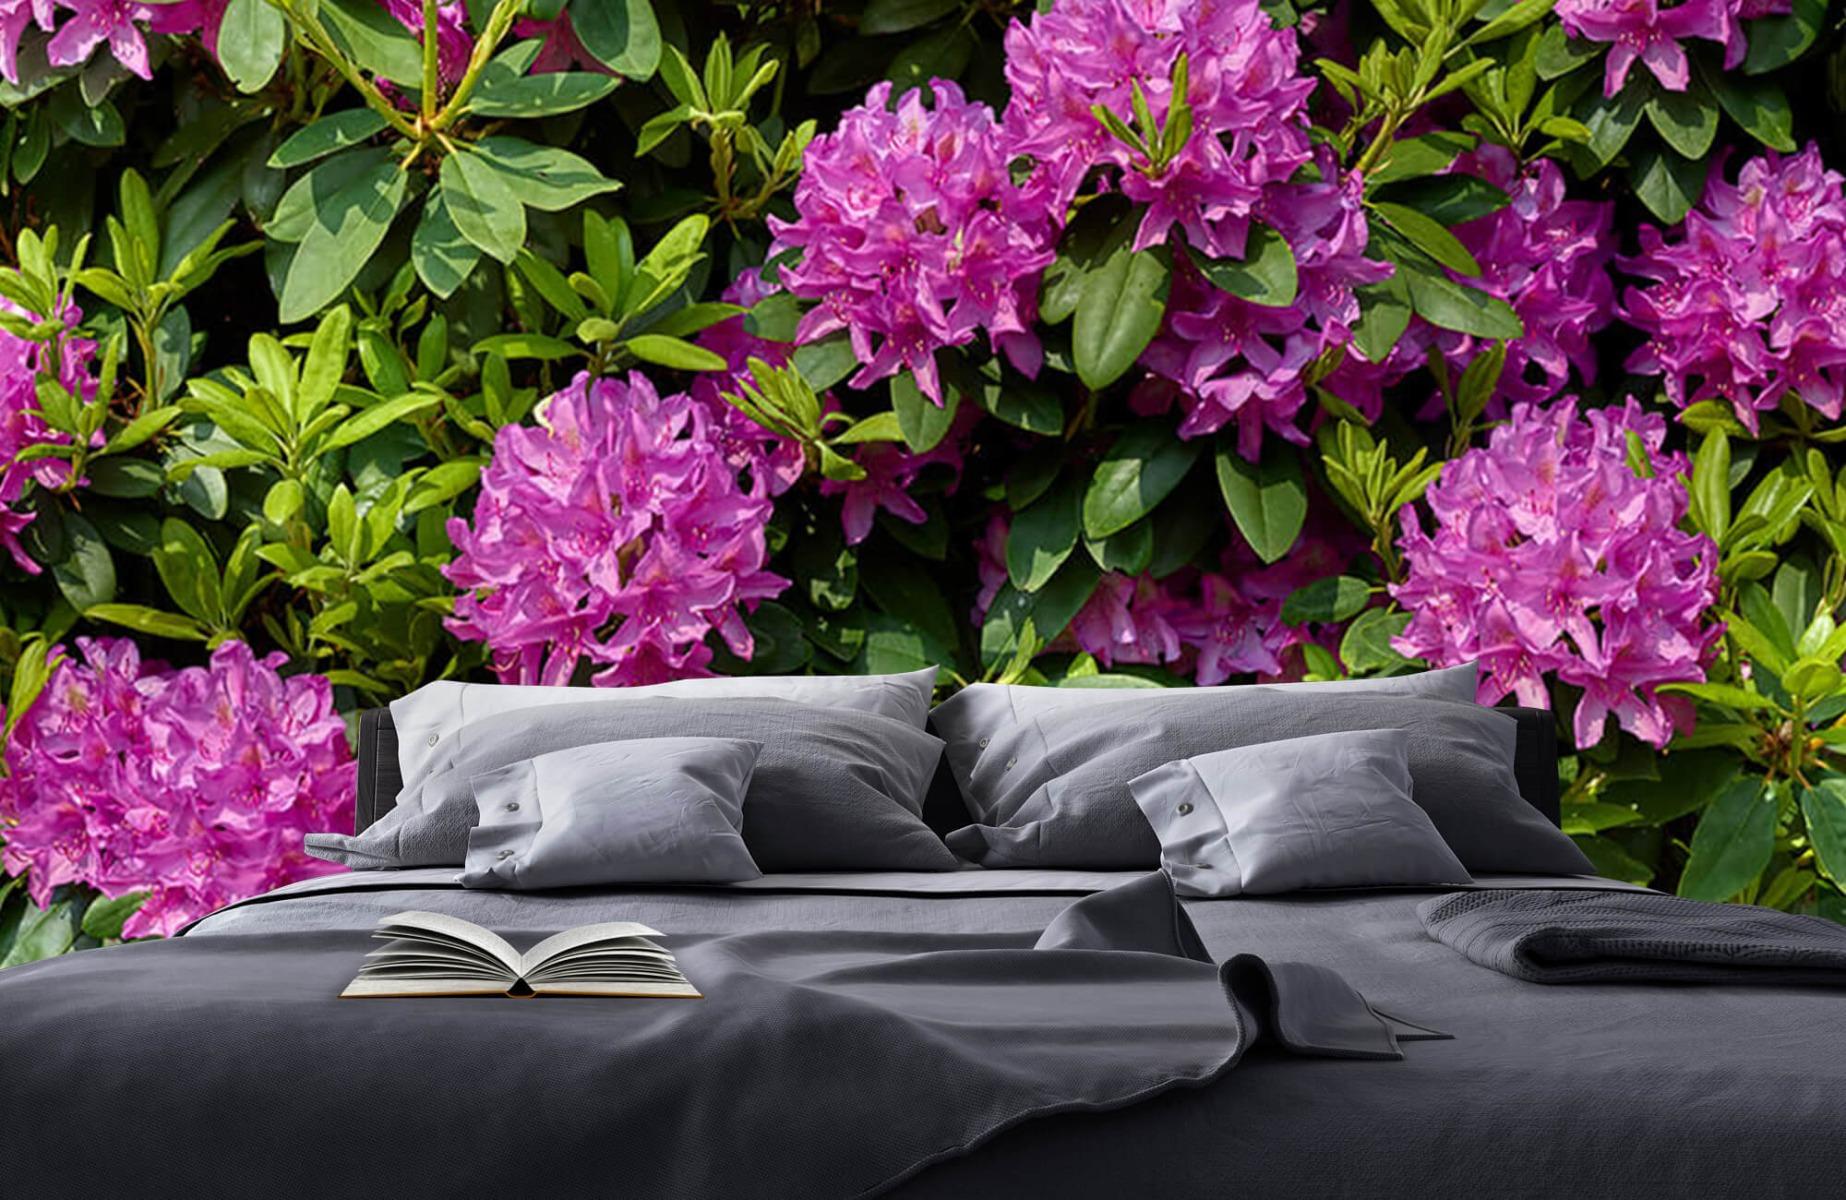 Bloemenvelden - Rododendrons - Wallexclusive - Slaapkamer 18